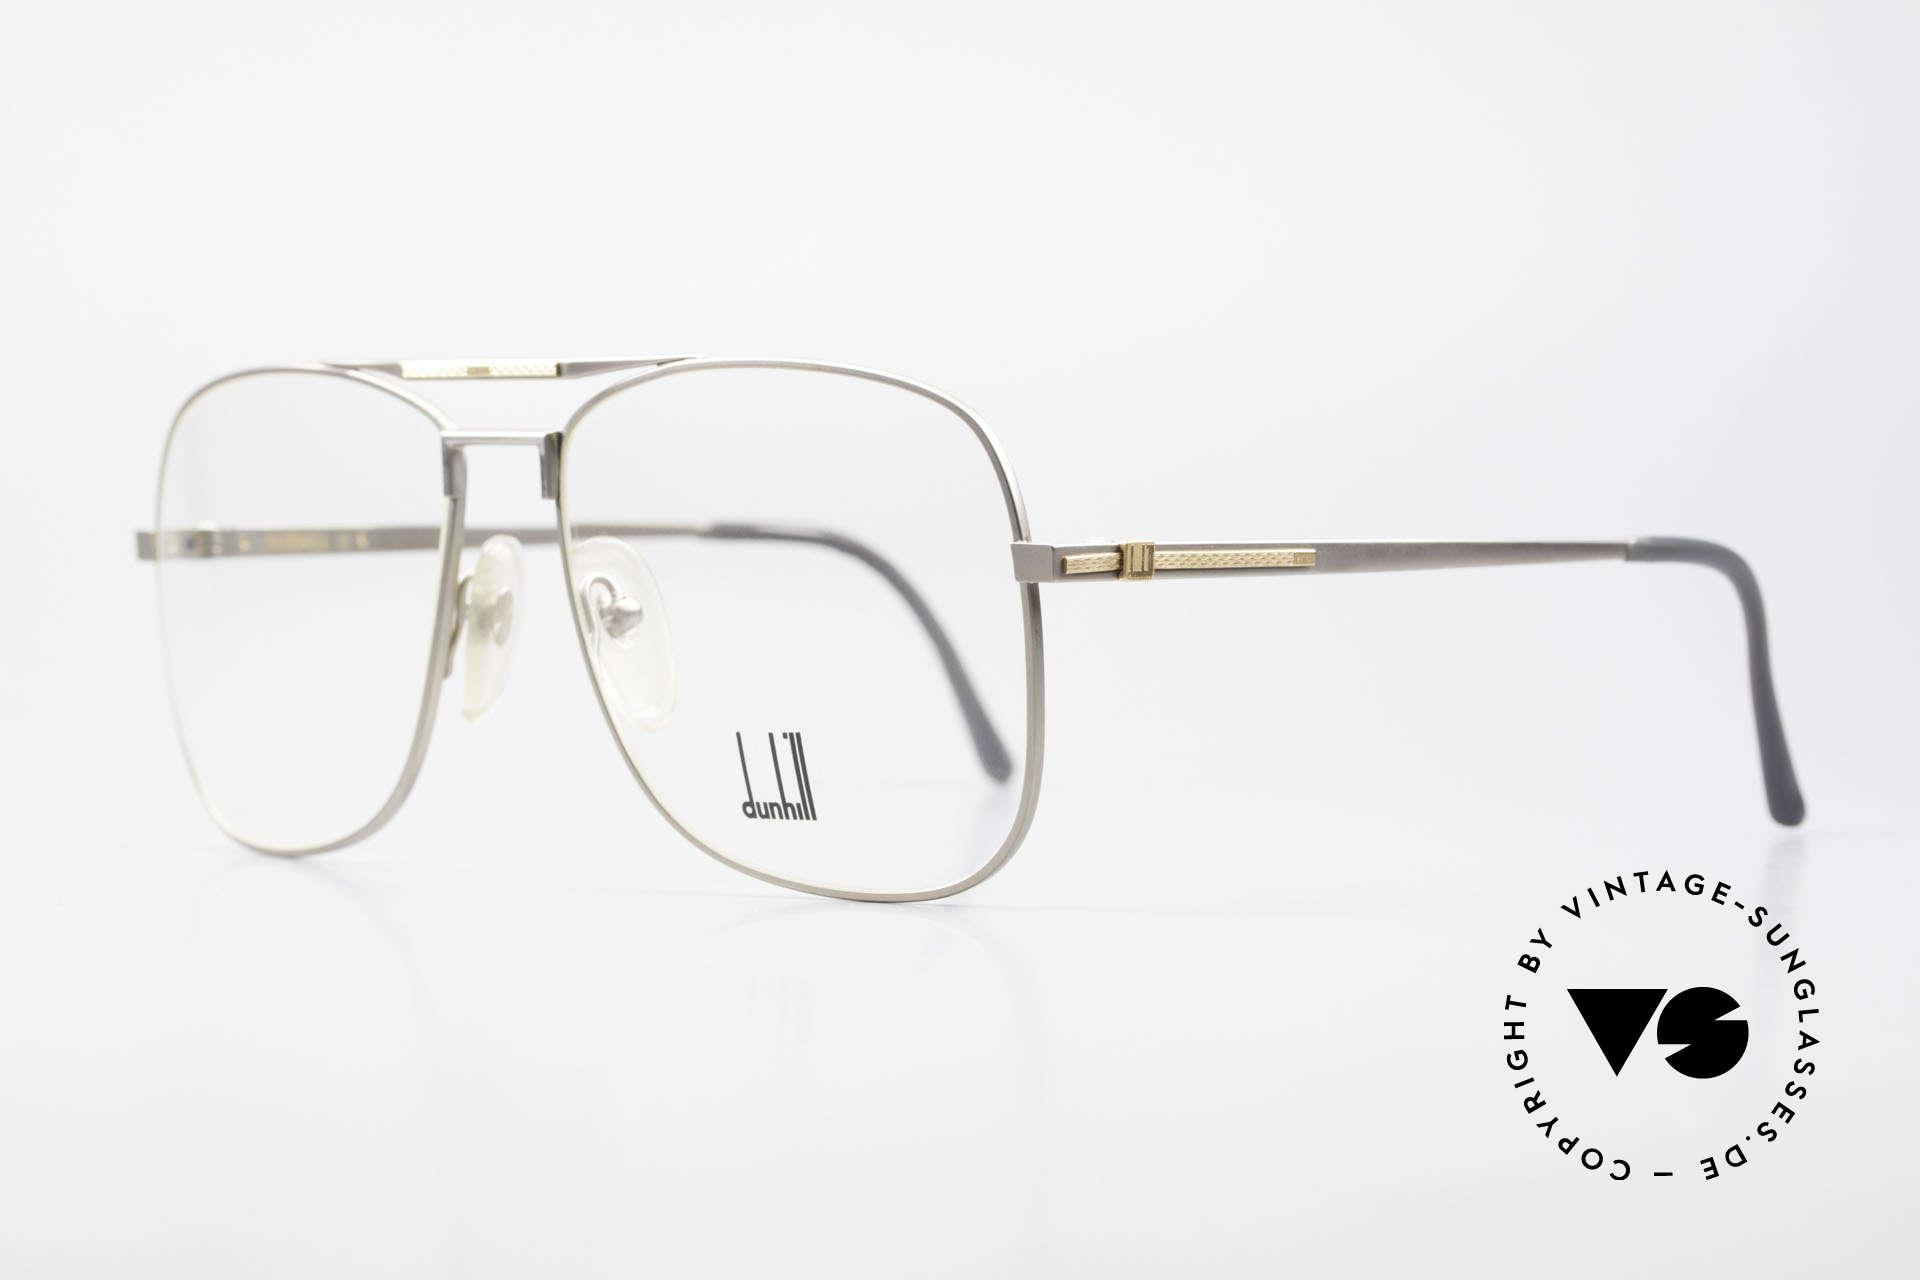 Dunhill 6038 18kt Gold Titanium Brille 80er, Produktionskosten 1986 für dieses Modell = 120,- DM, Passend für Herren